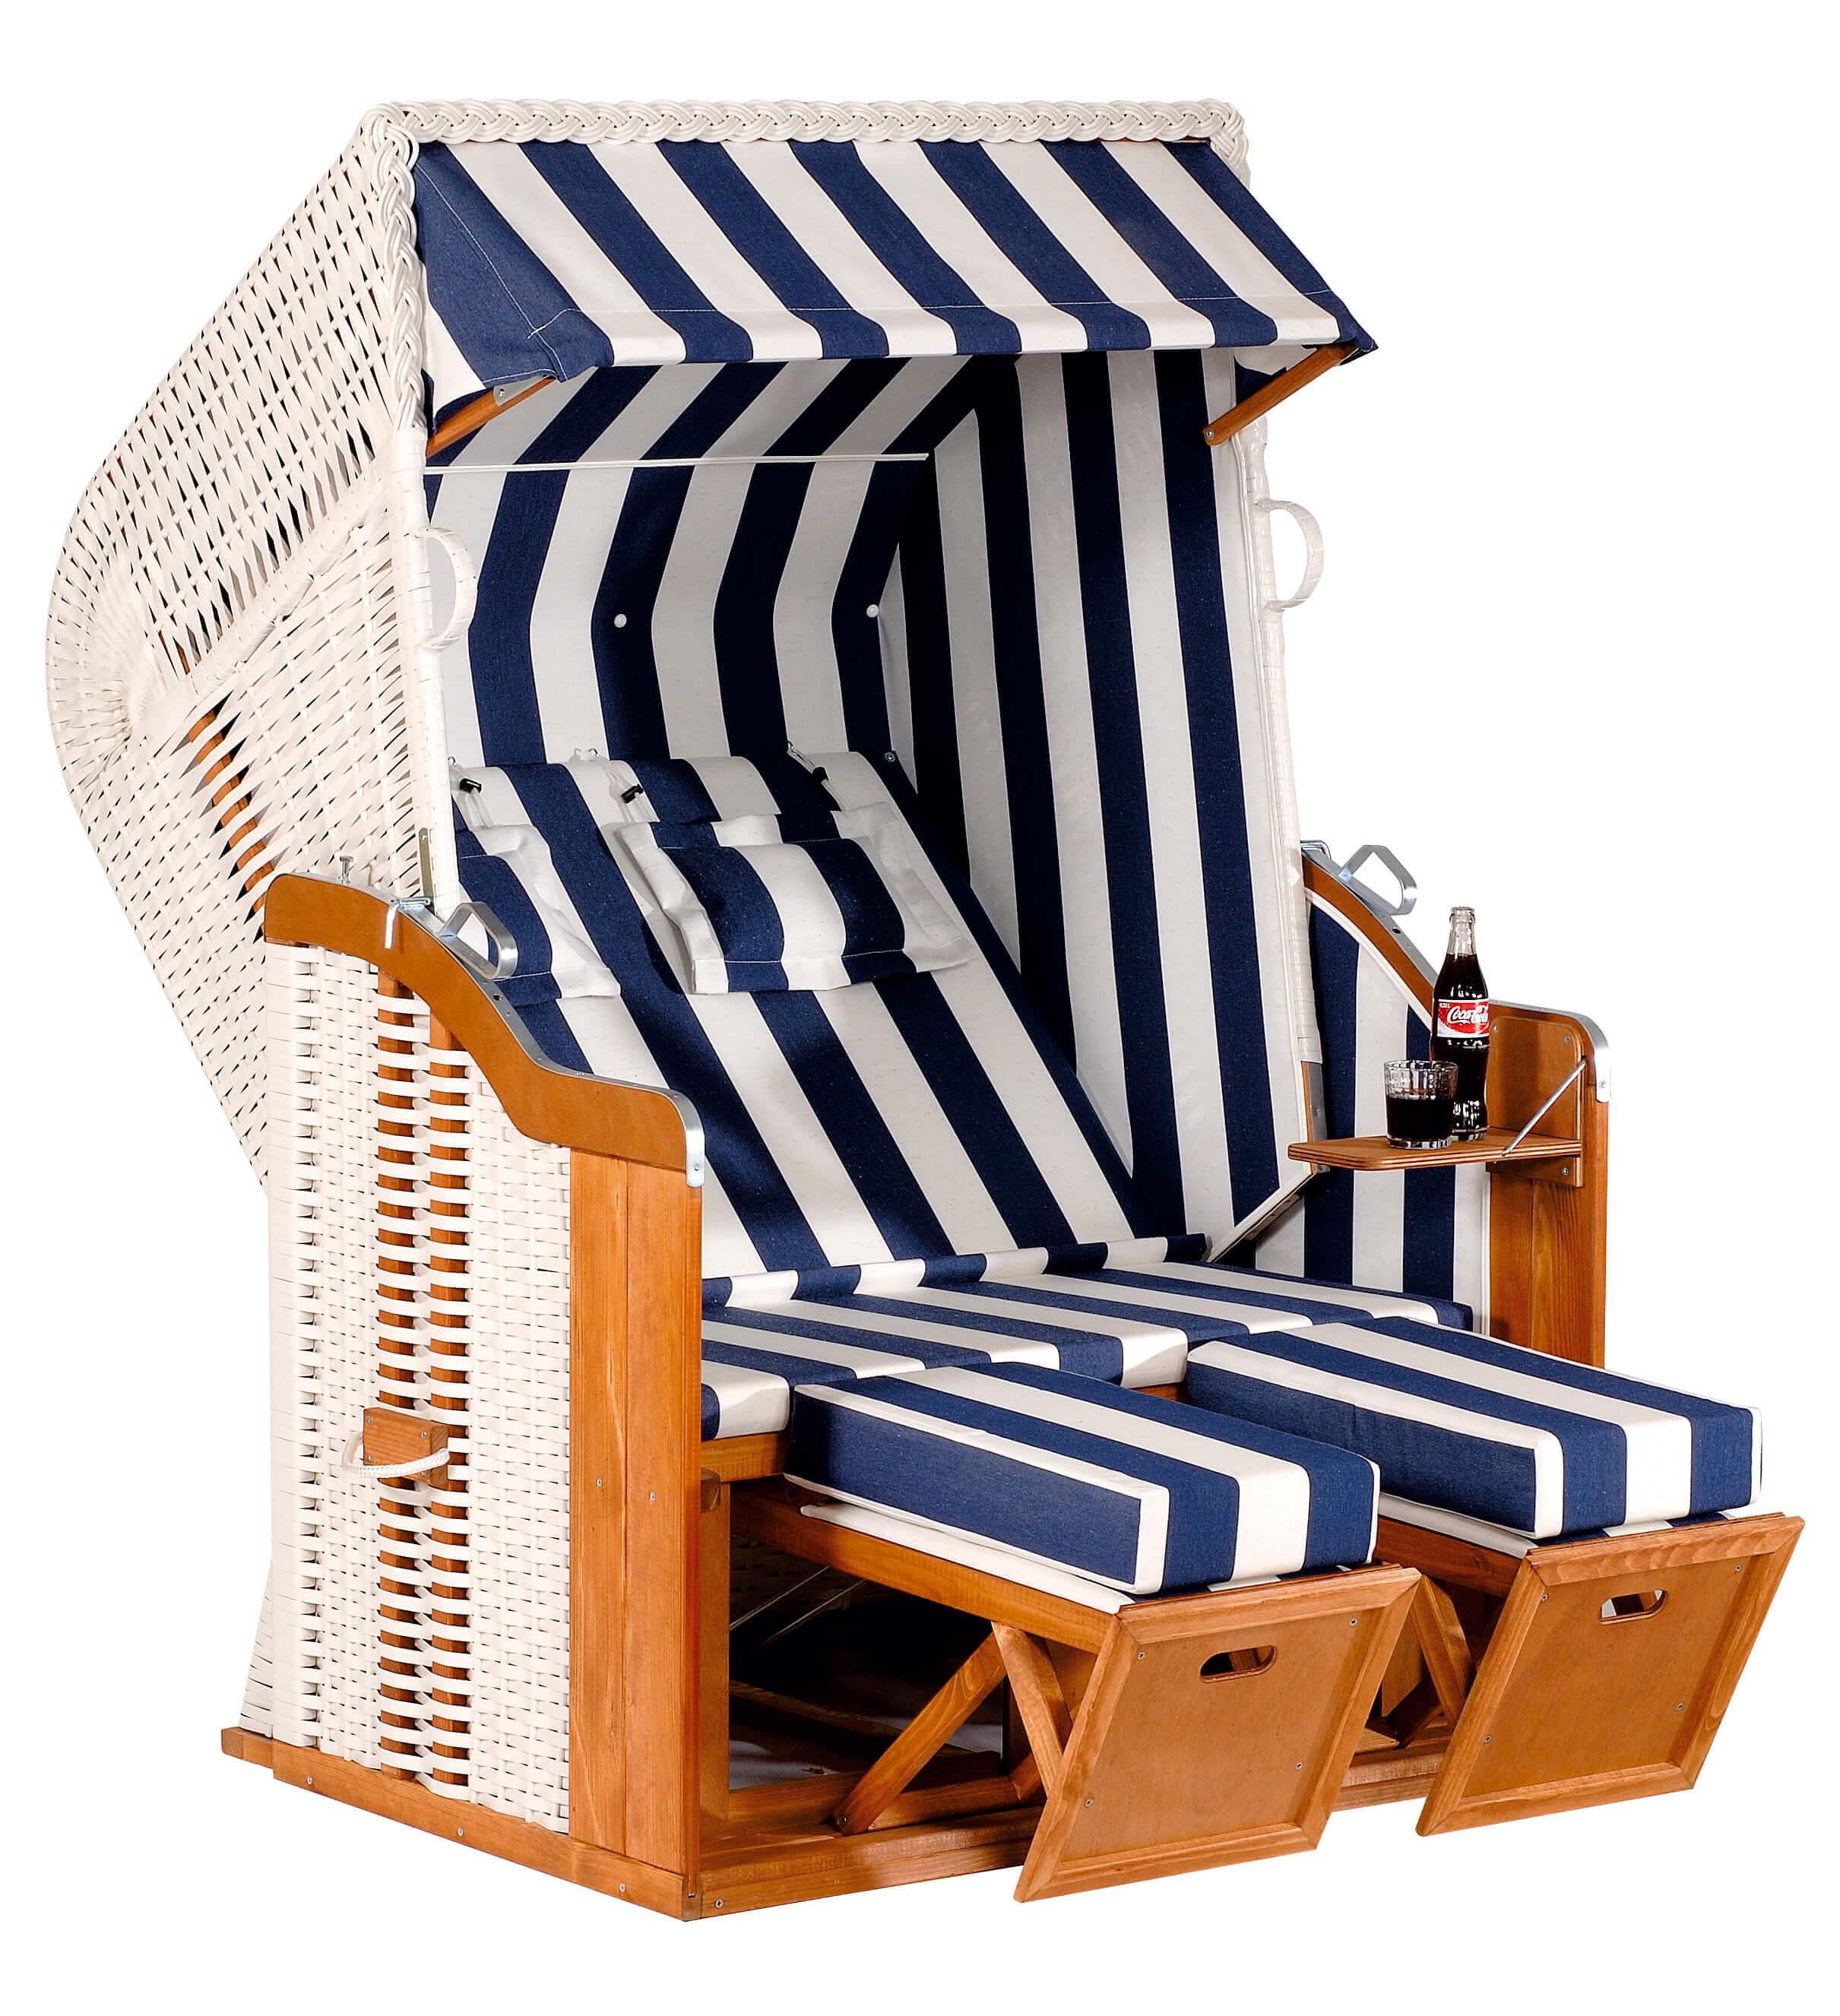 welchen strandkorb 250 plus oder classic. Black Bedroom Furniture Sets. Home Design Ideas